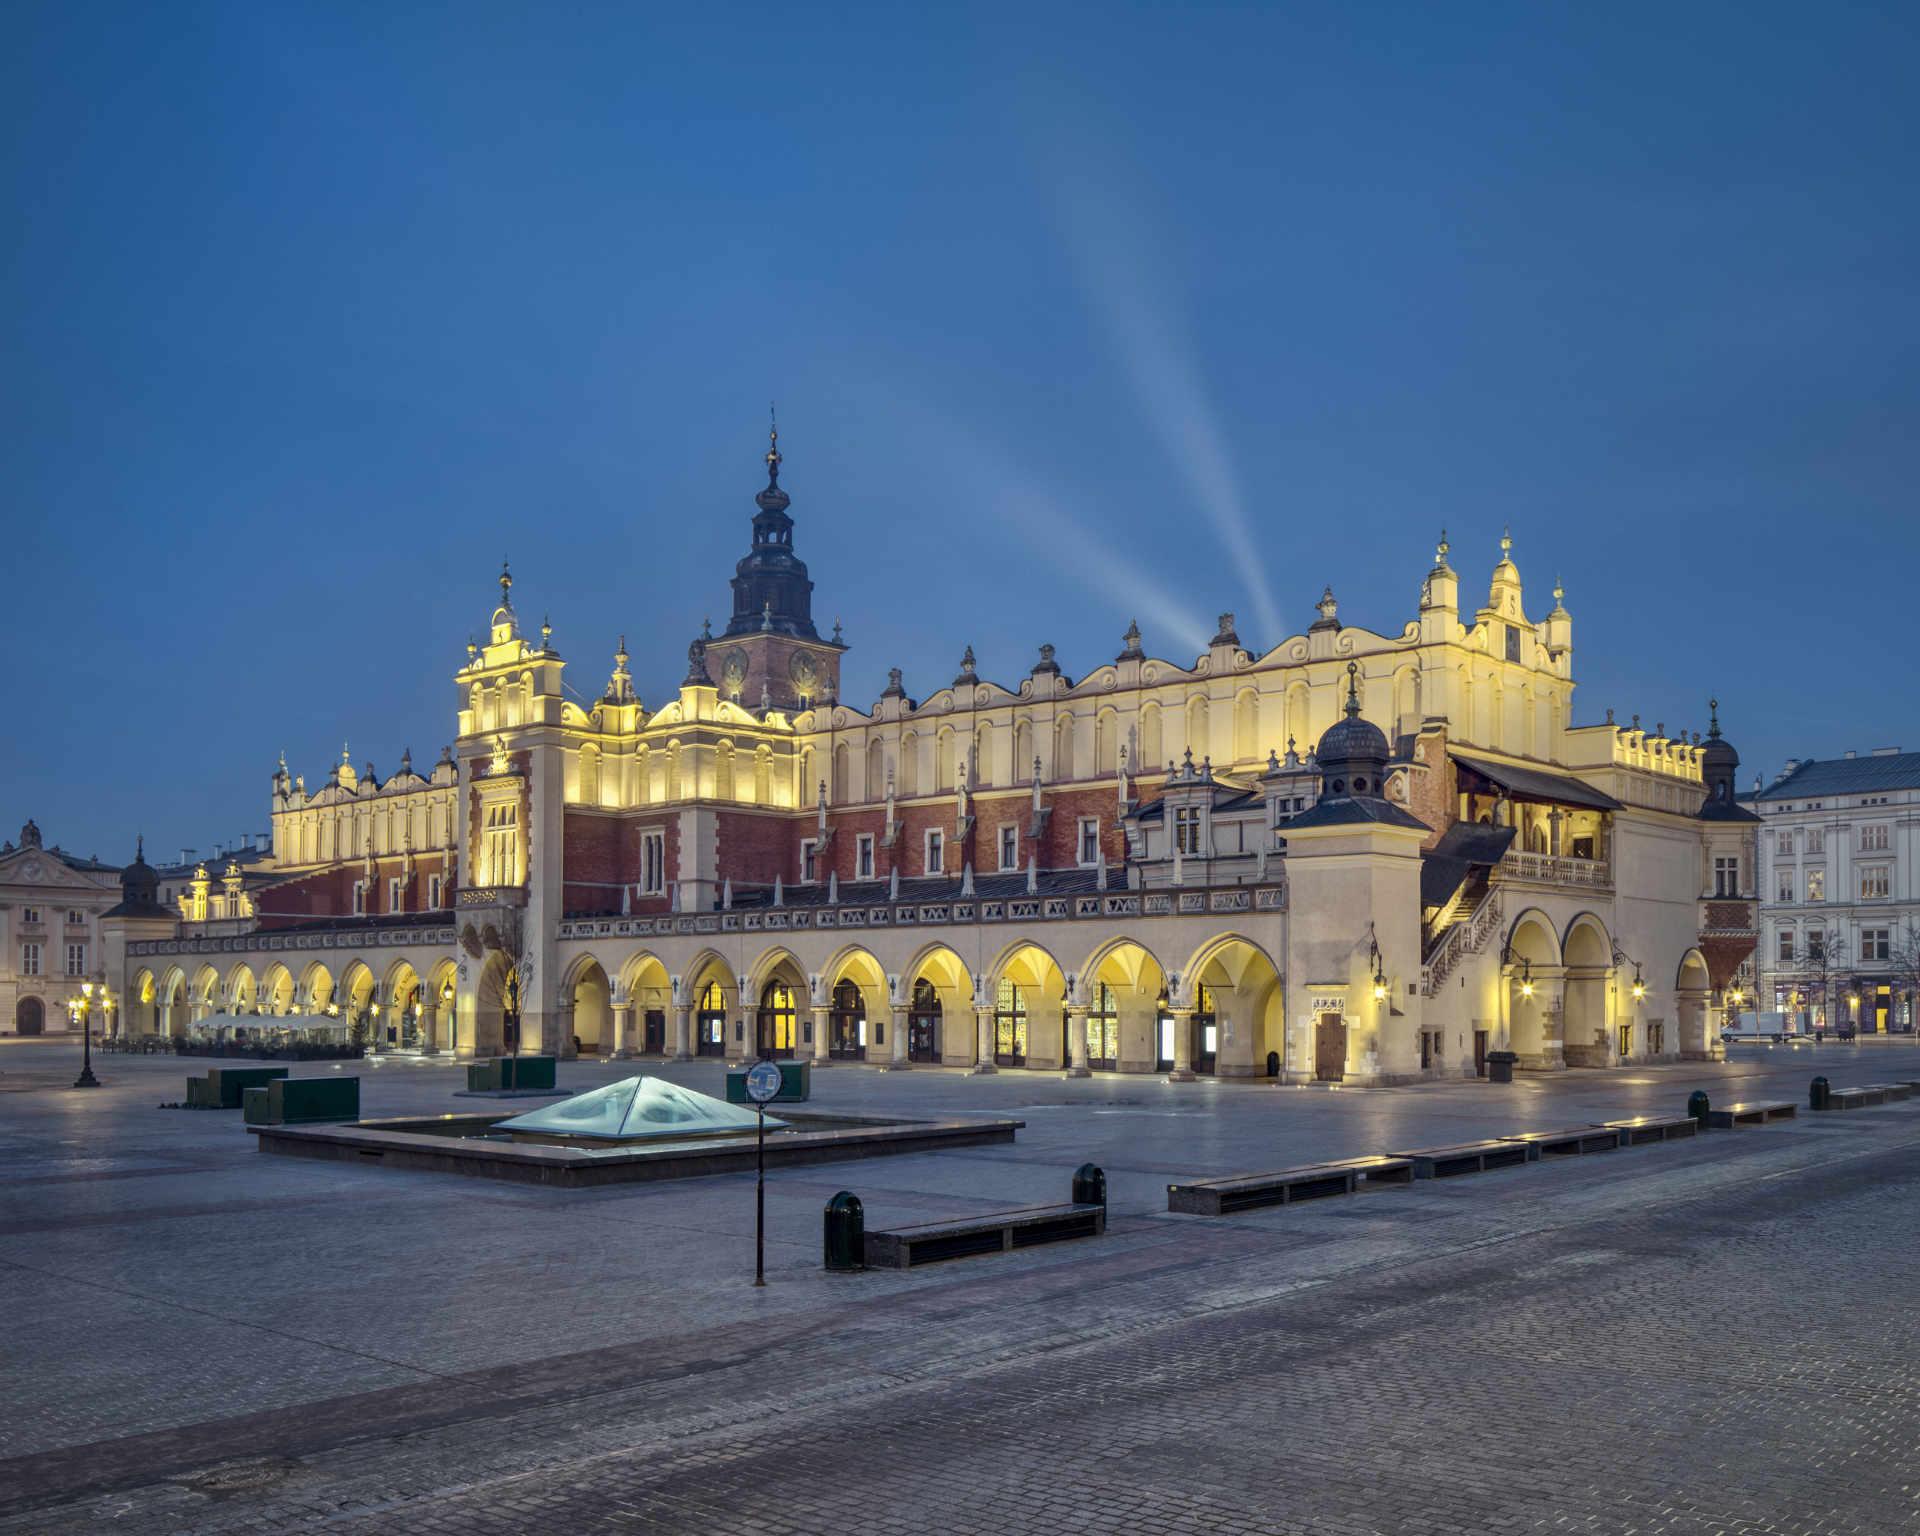 Zu sehen sind die Krakauer Tuchhallen, Bild: Tomasz Lewandowski